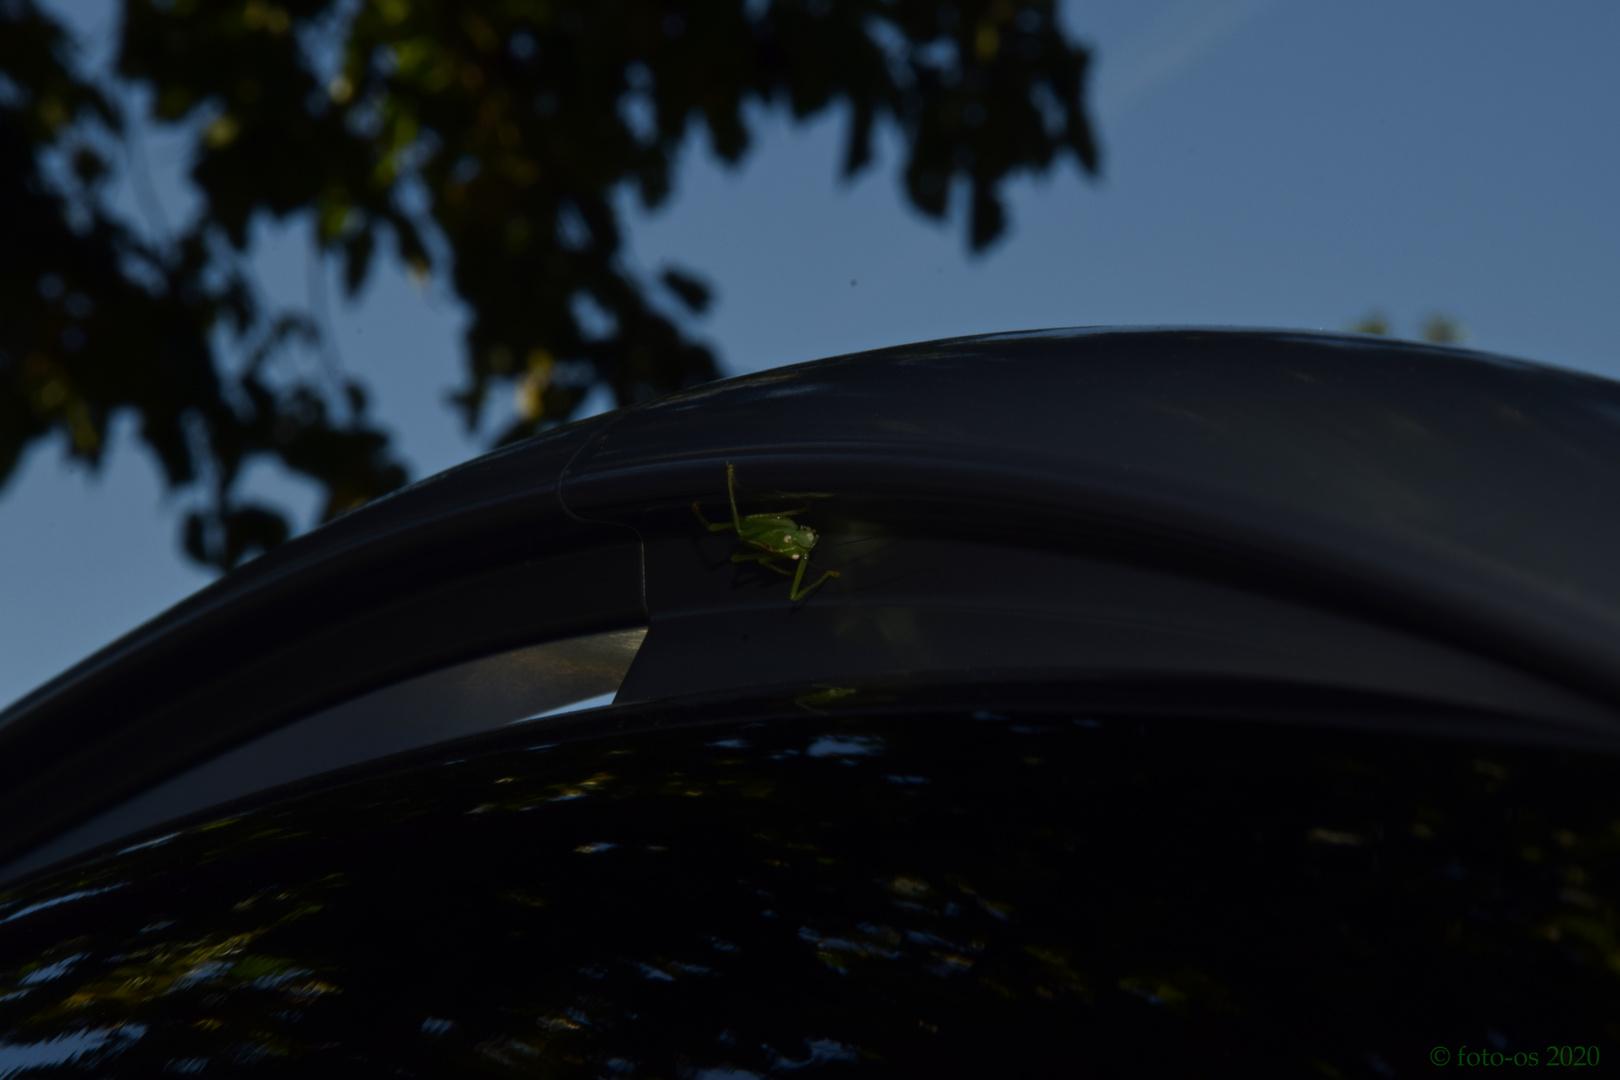 Grashüpfer auf schwarzem Auto